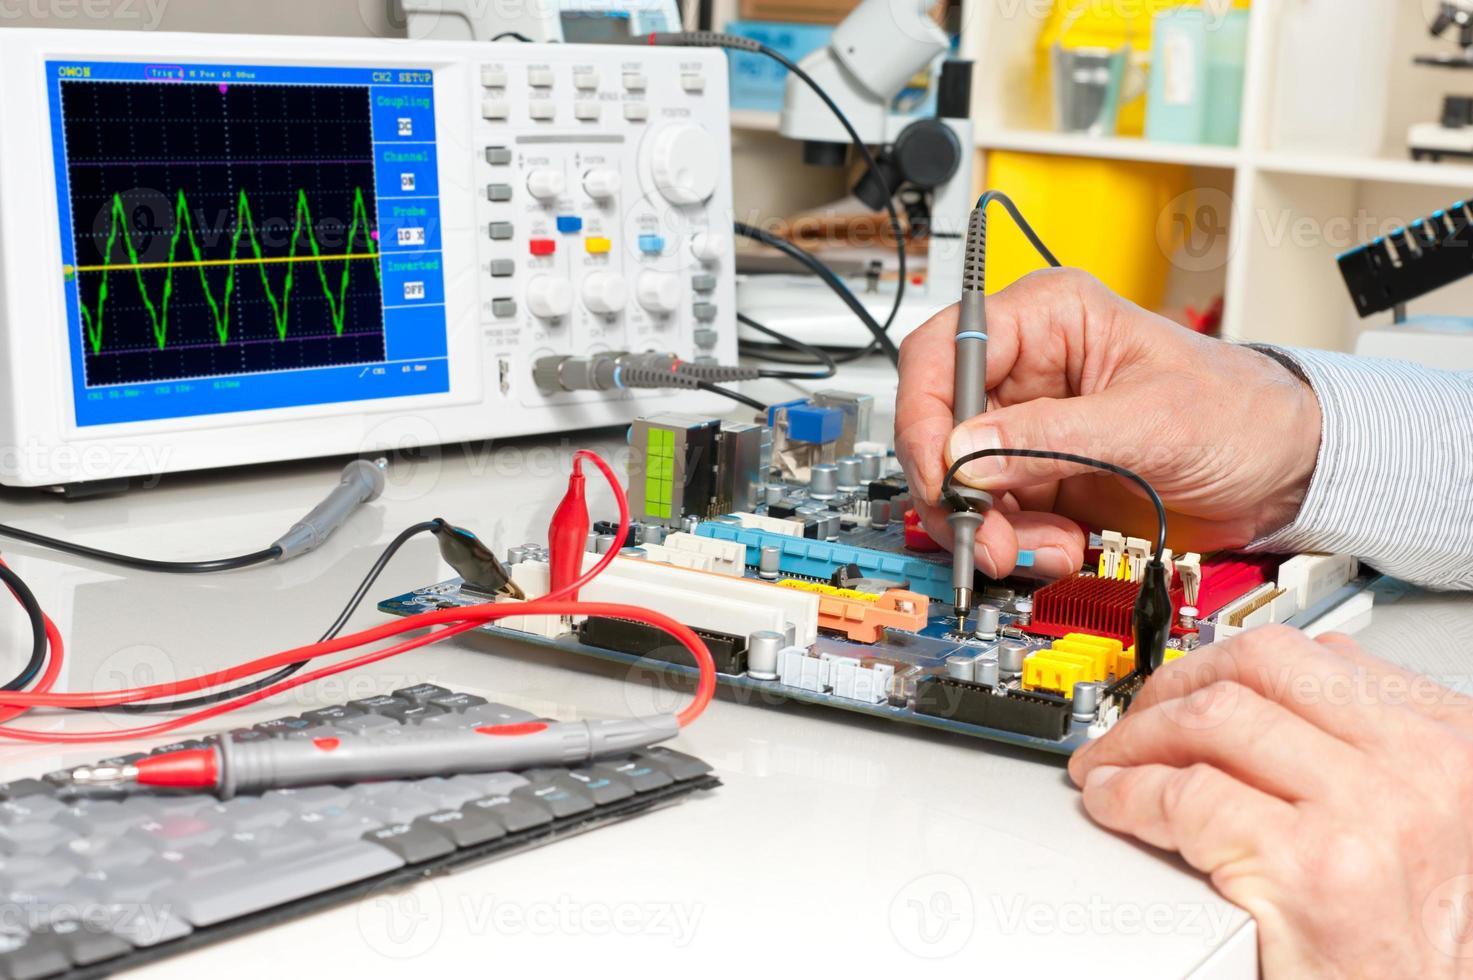 testning av elektronisk utrustning foto